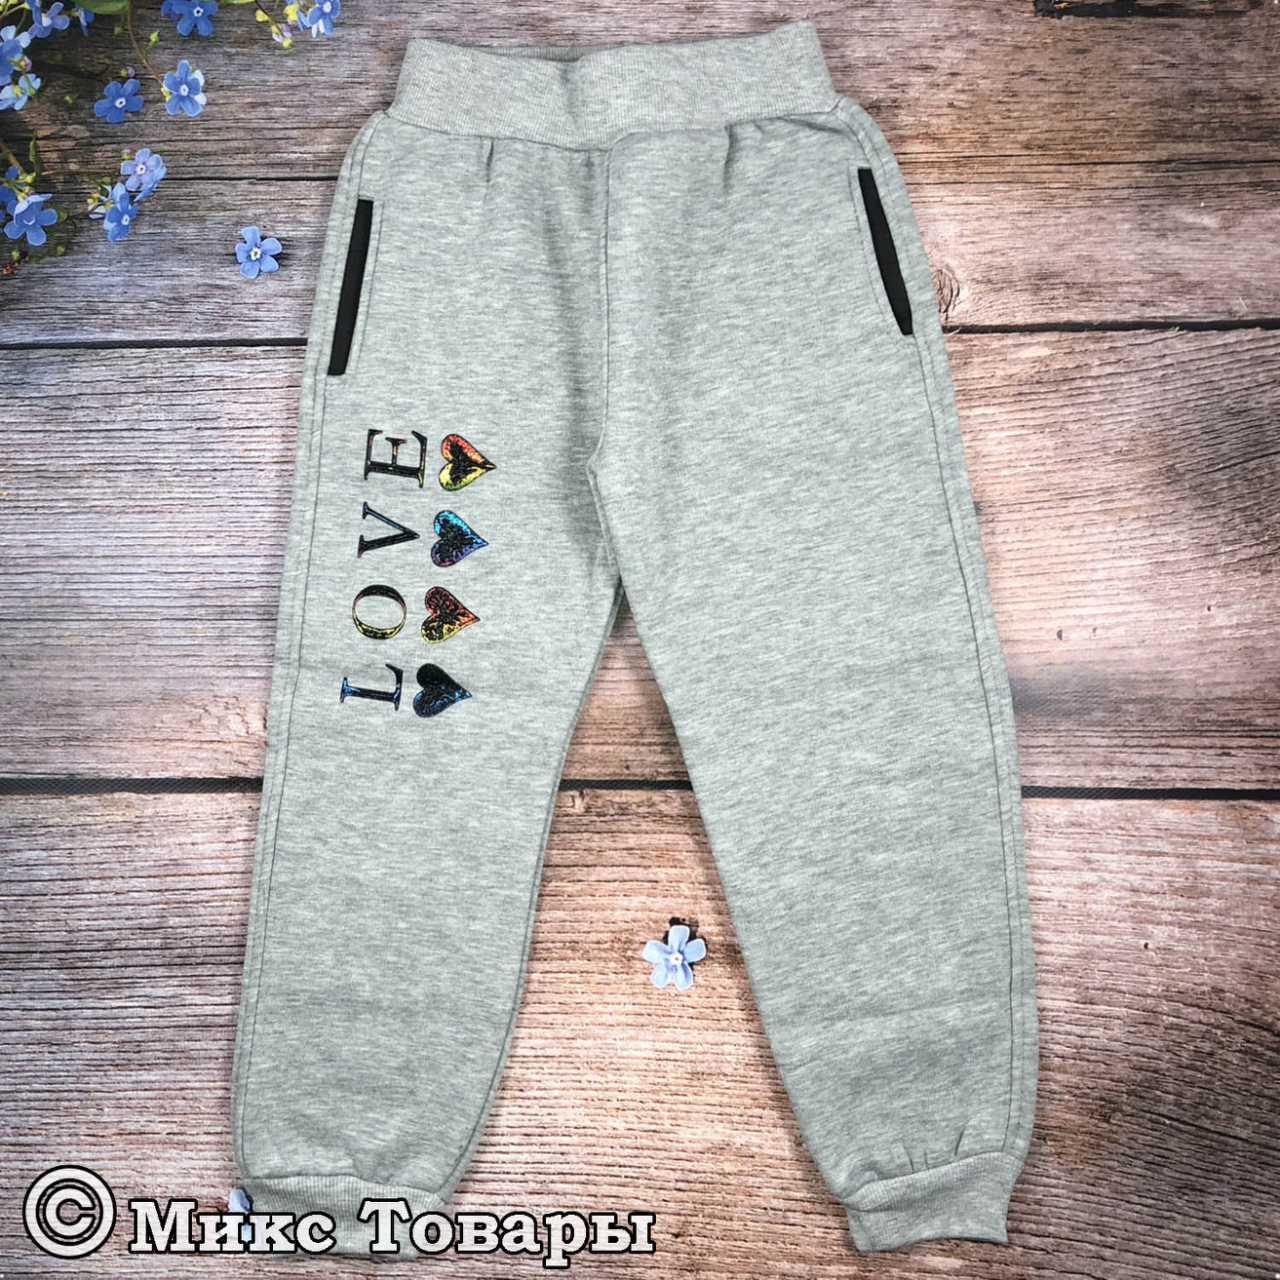 Утеплённые спортивные штаны для девочки Размеры: 122,128,134,140 см (7191-1)